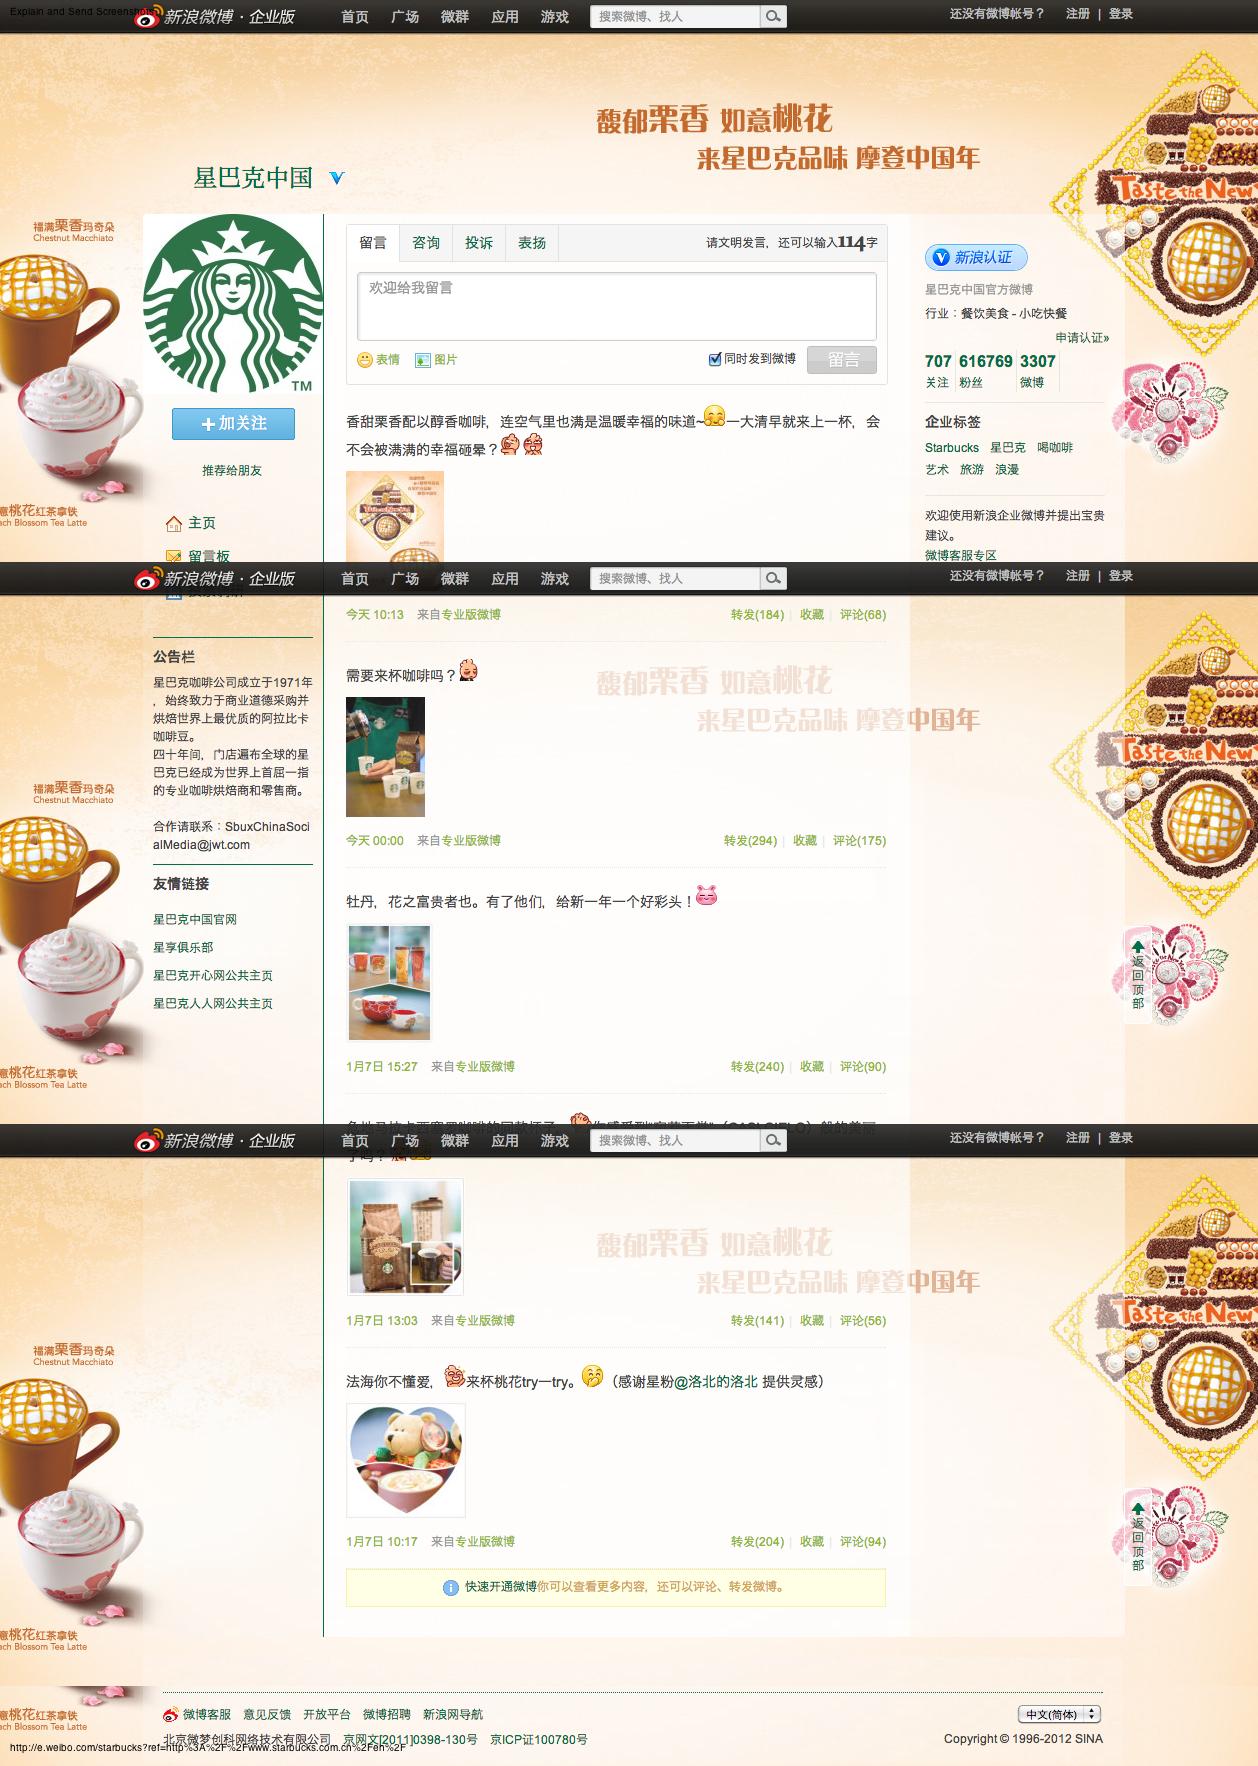 Sina Weibo Starbucks